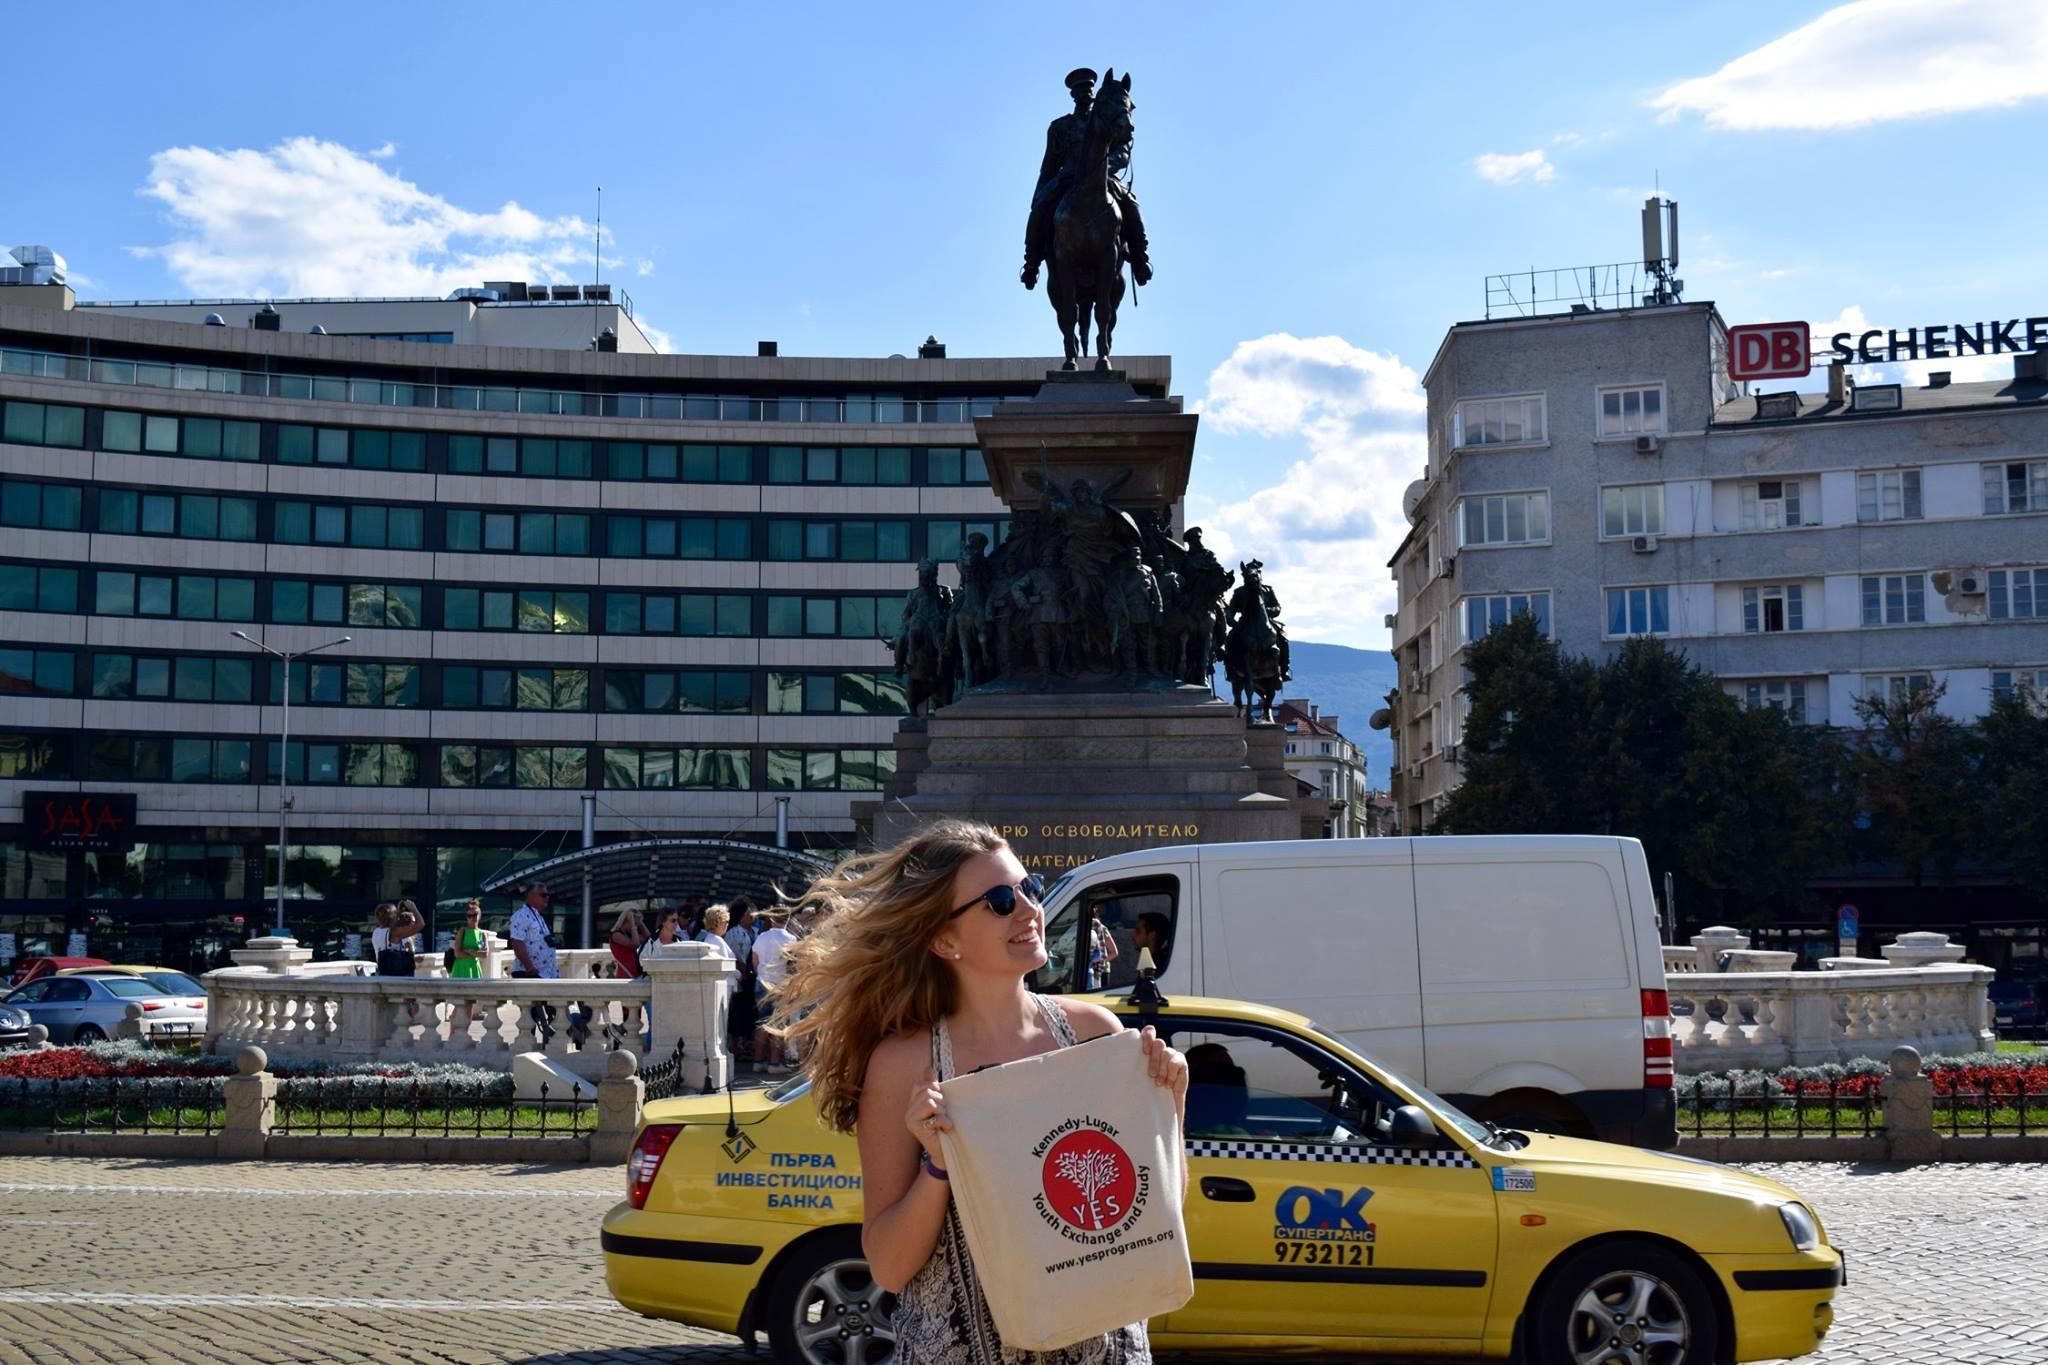 Да избереш България: какво правят четири американки в София?